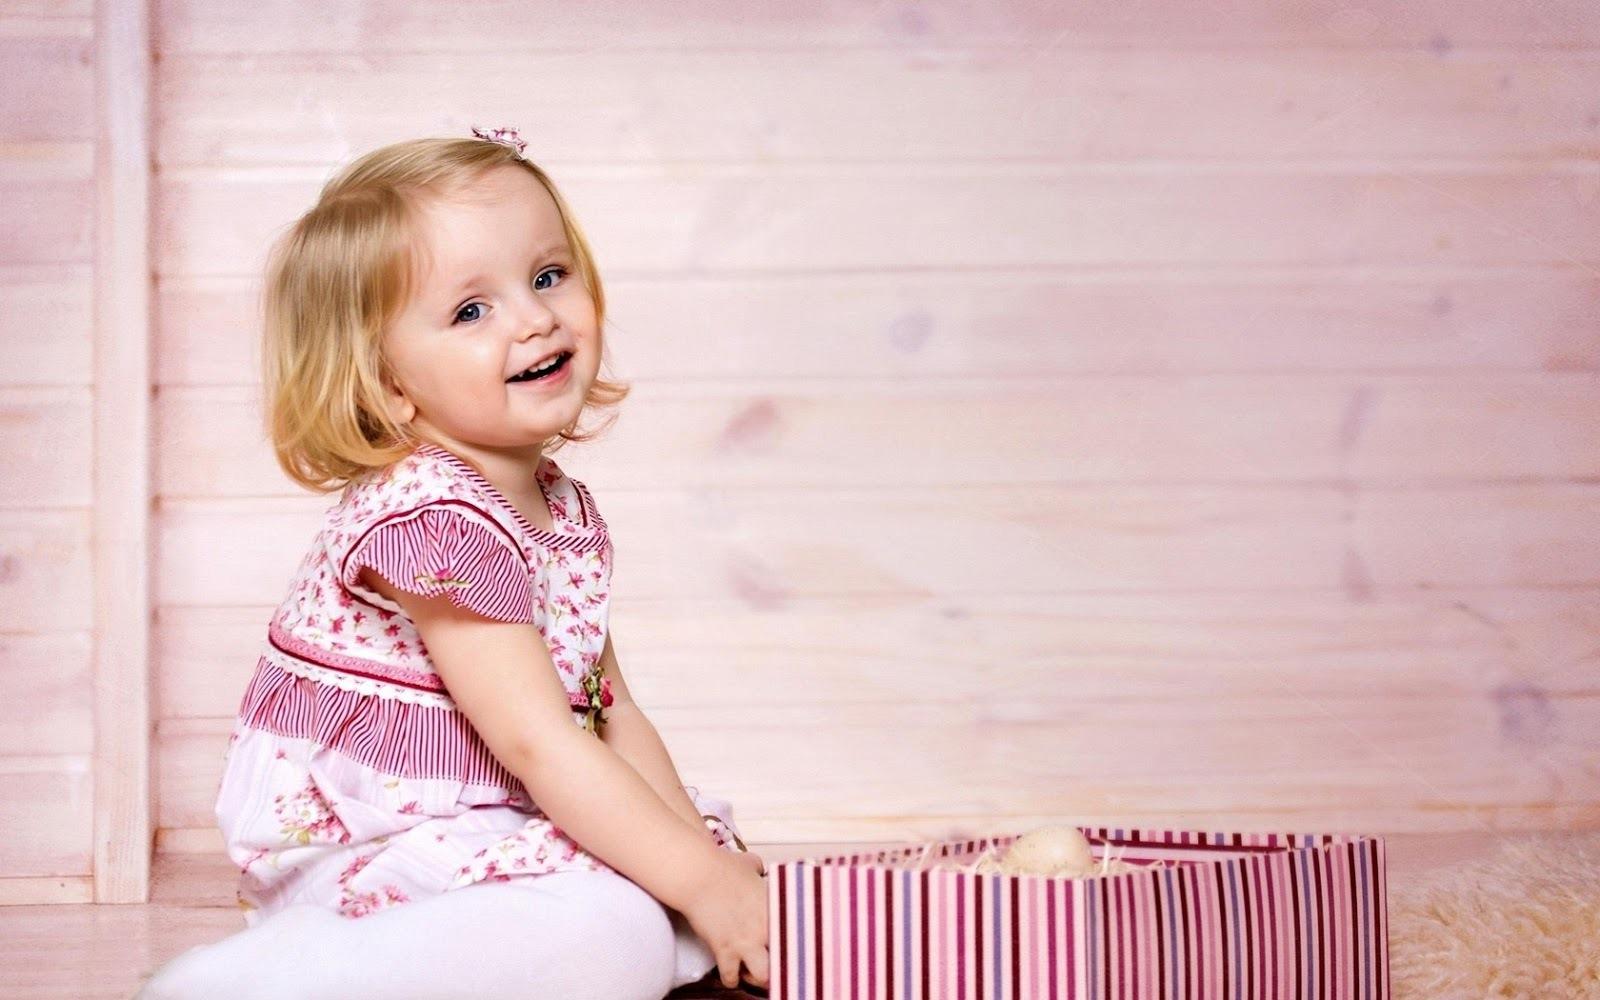 صور صور اطفال للتصميم , اجمل صور اجمل بدقة عالية جدا